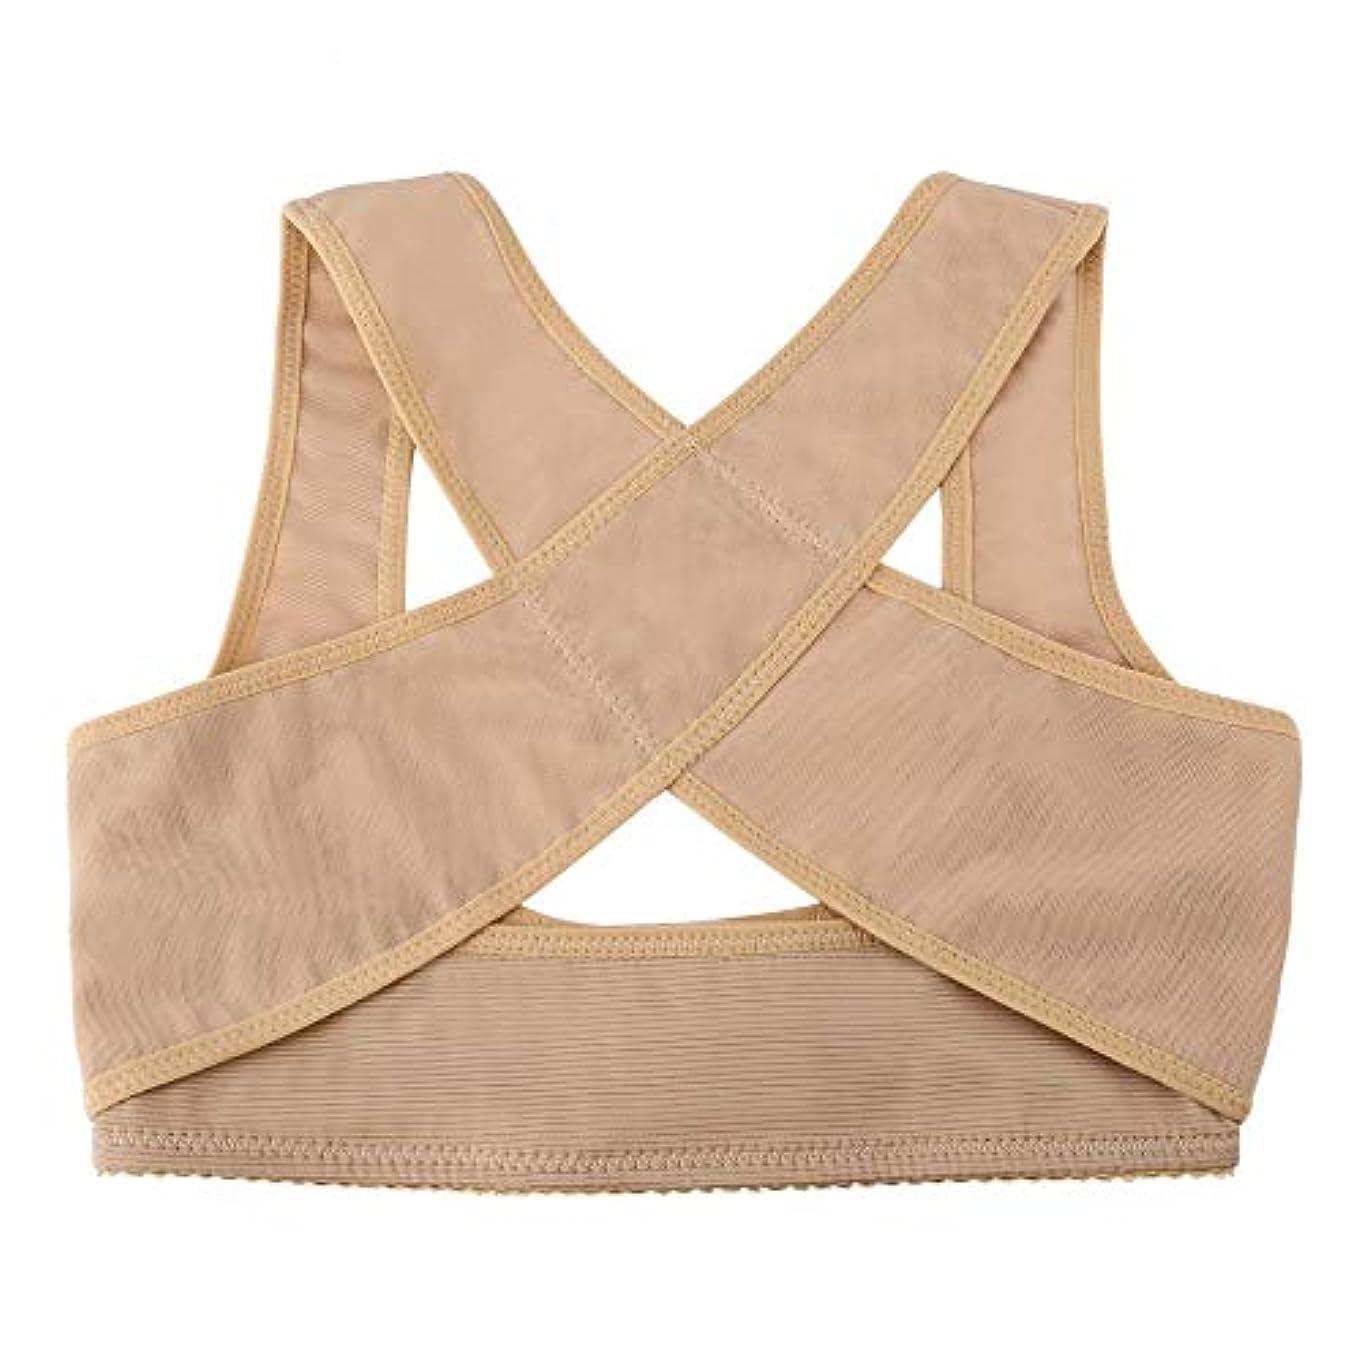 重くするスケジュール不変調節可能な伸縮性がある背部女性ベルトサポート姿勢補正装置支柱サポート姿勢肩補正装置ヘルスケア